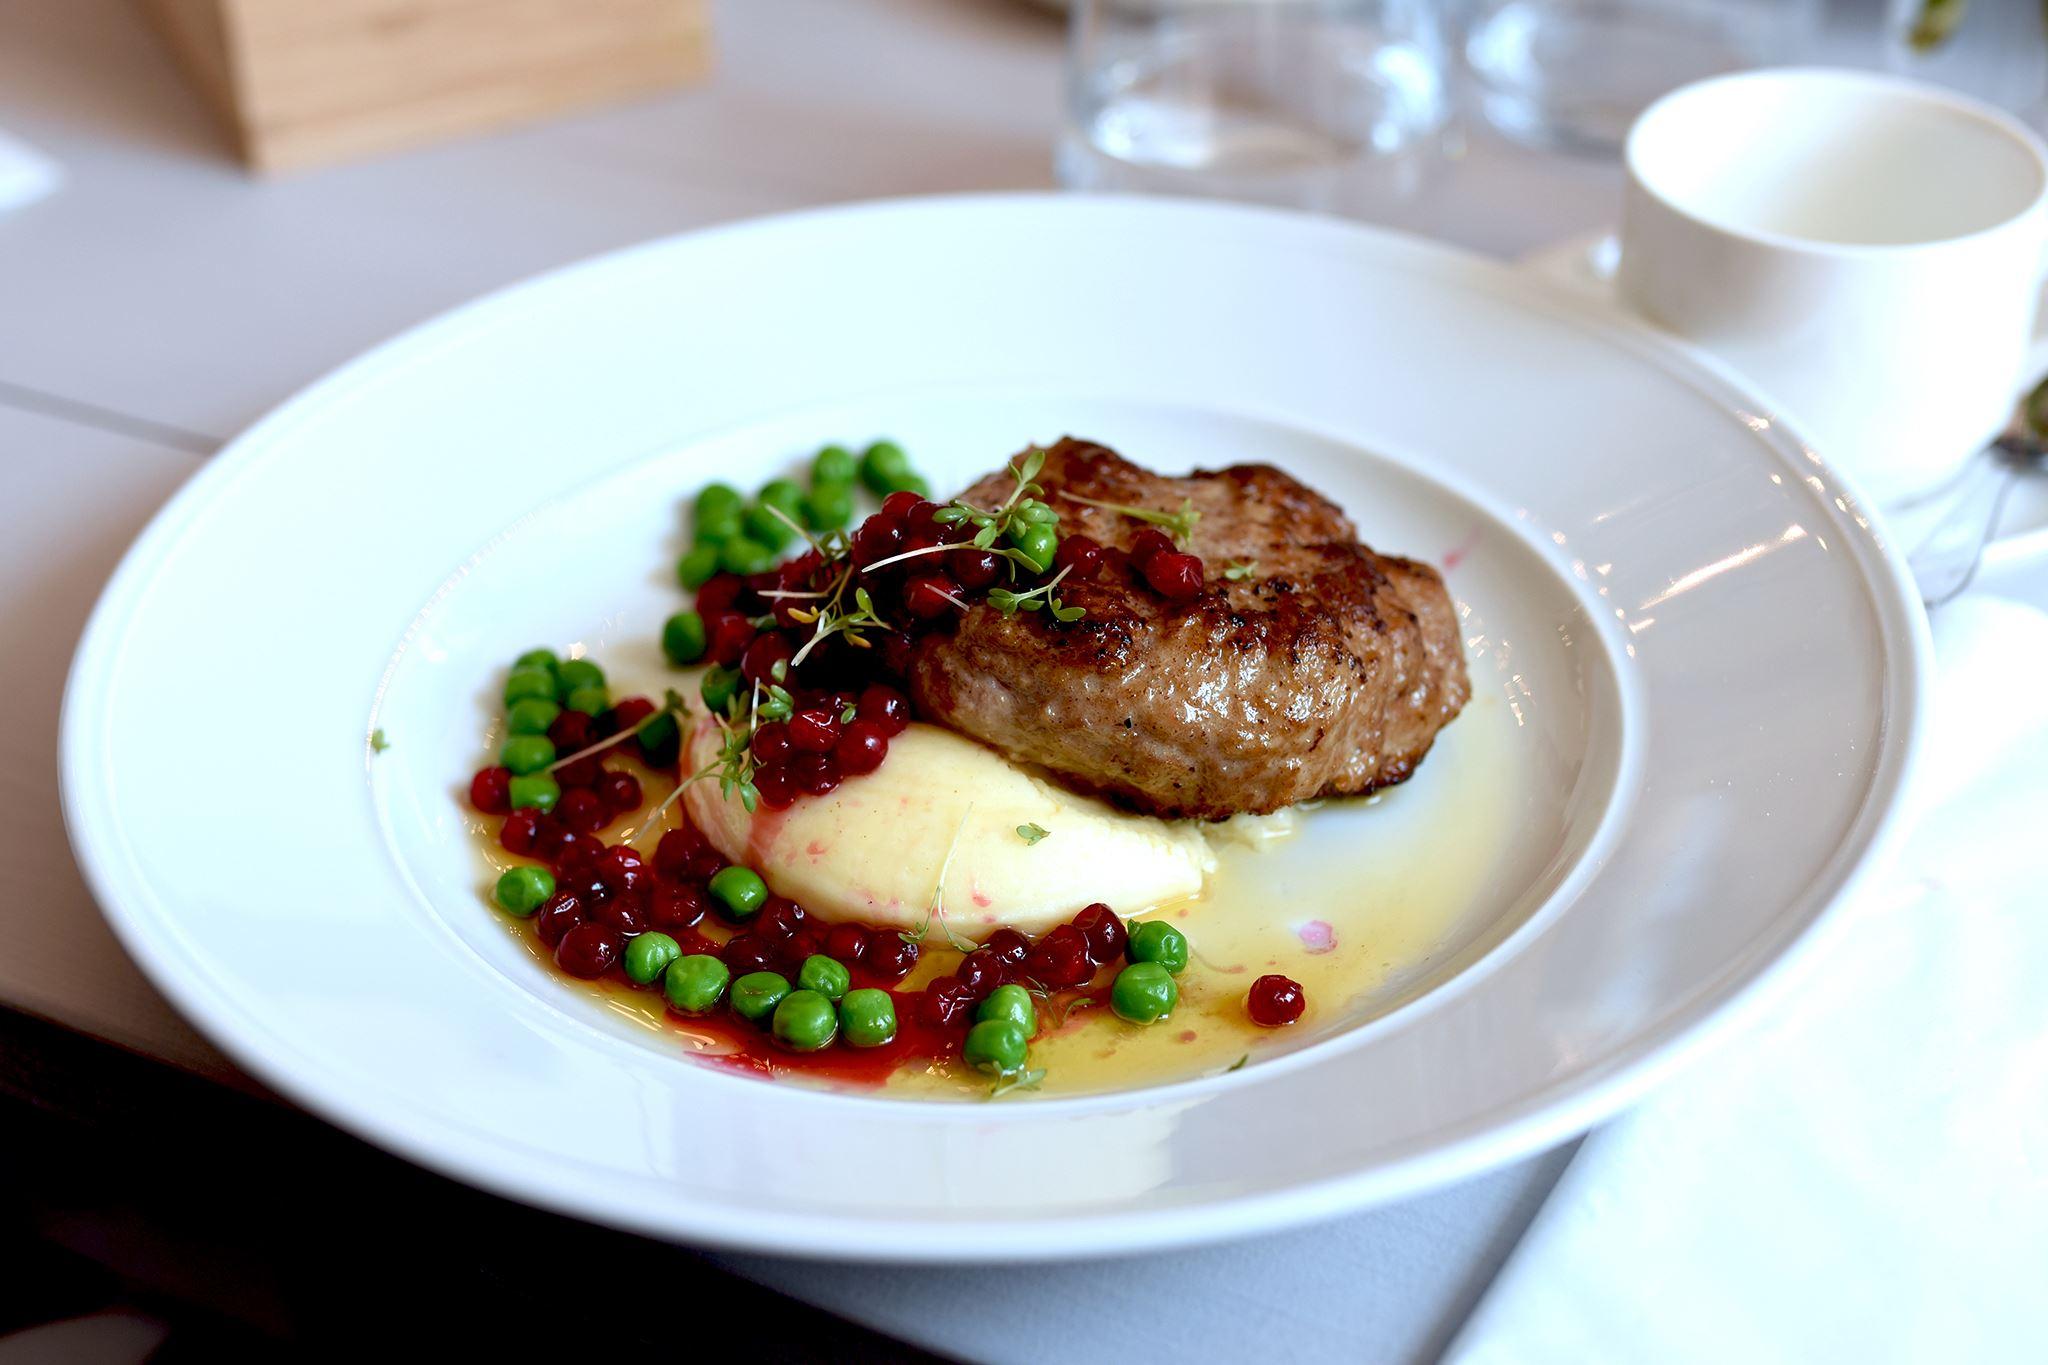 Svaneholms slottsrestaurang, Njut av god mat i de svenska smakernas melodi